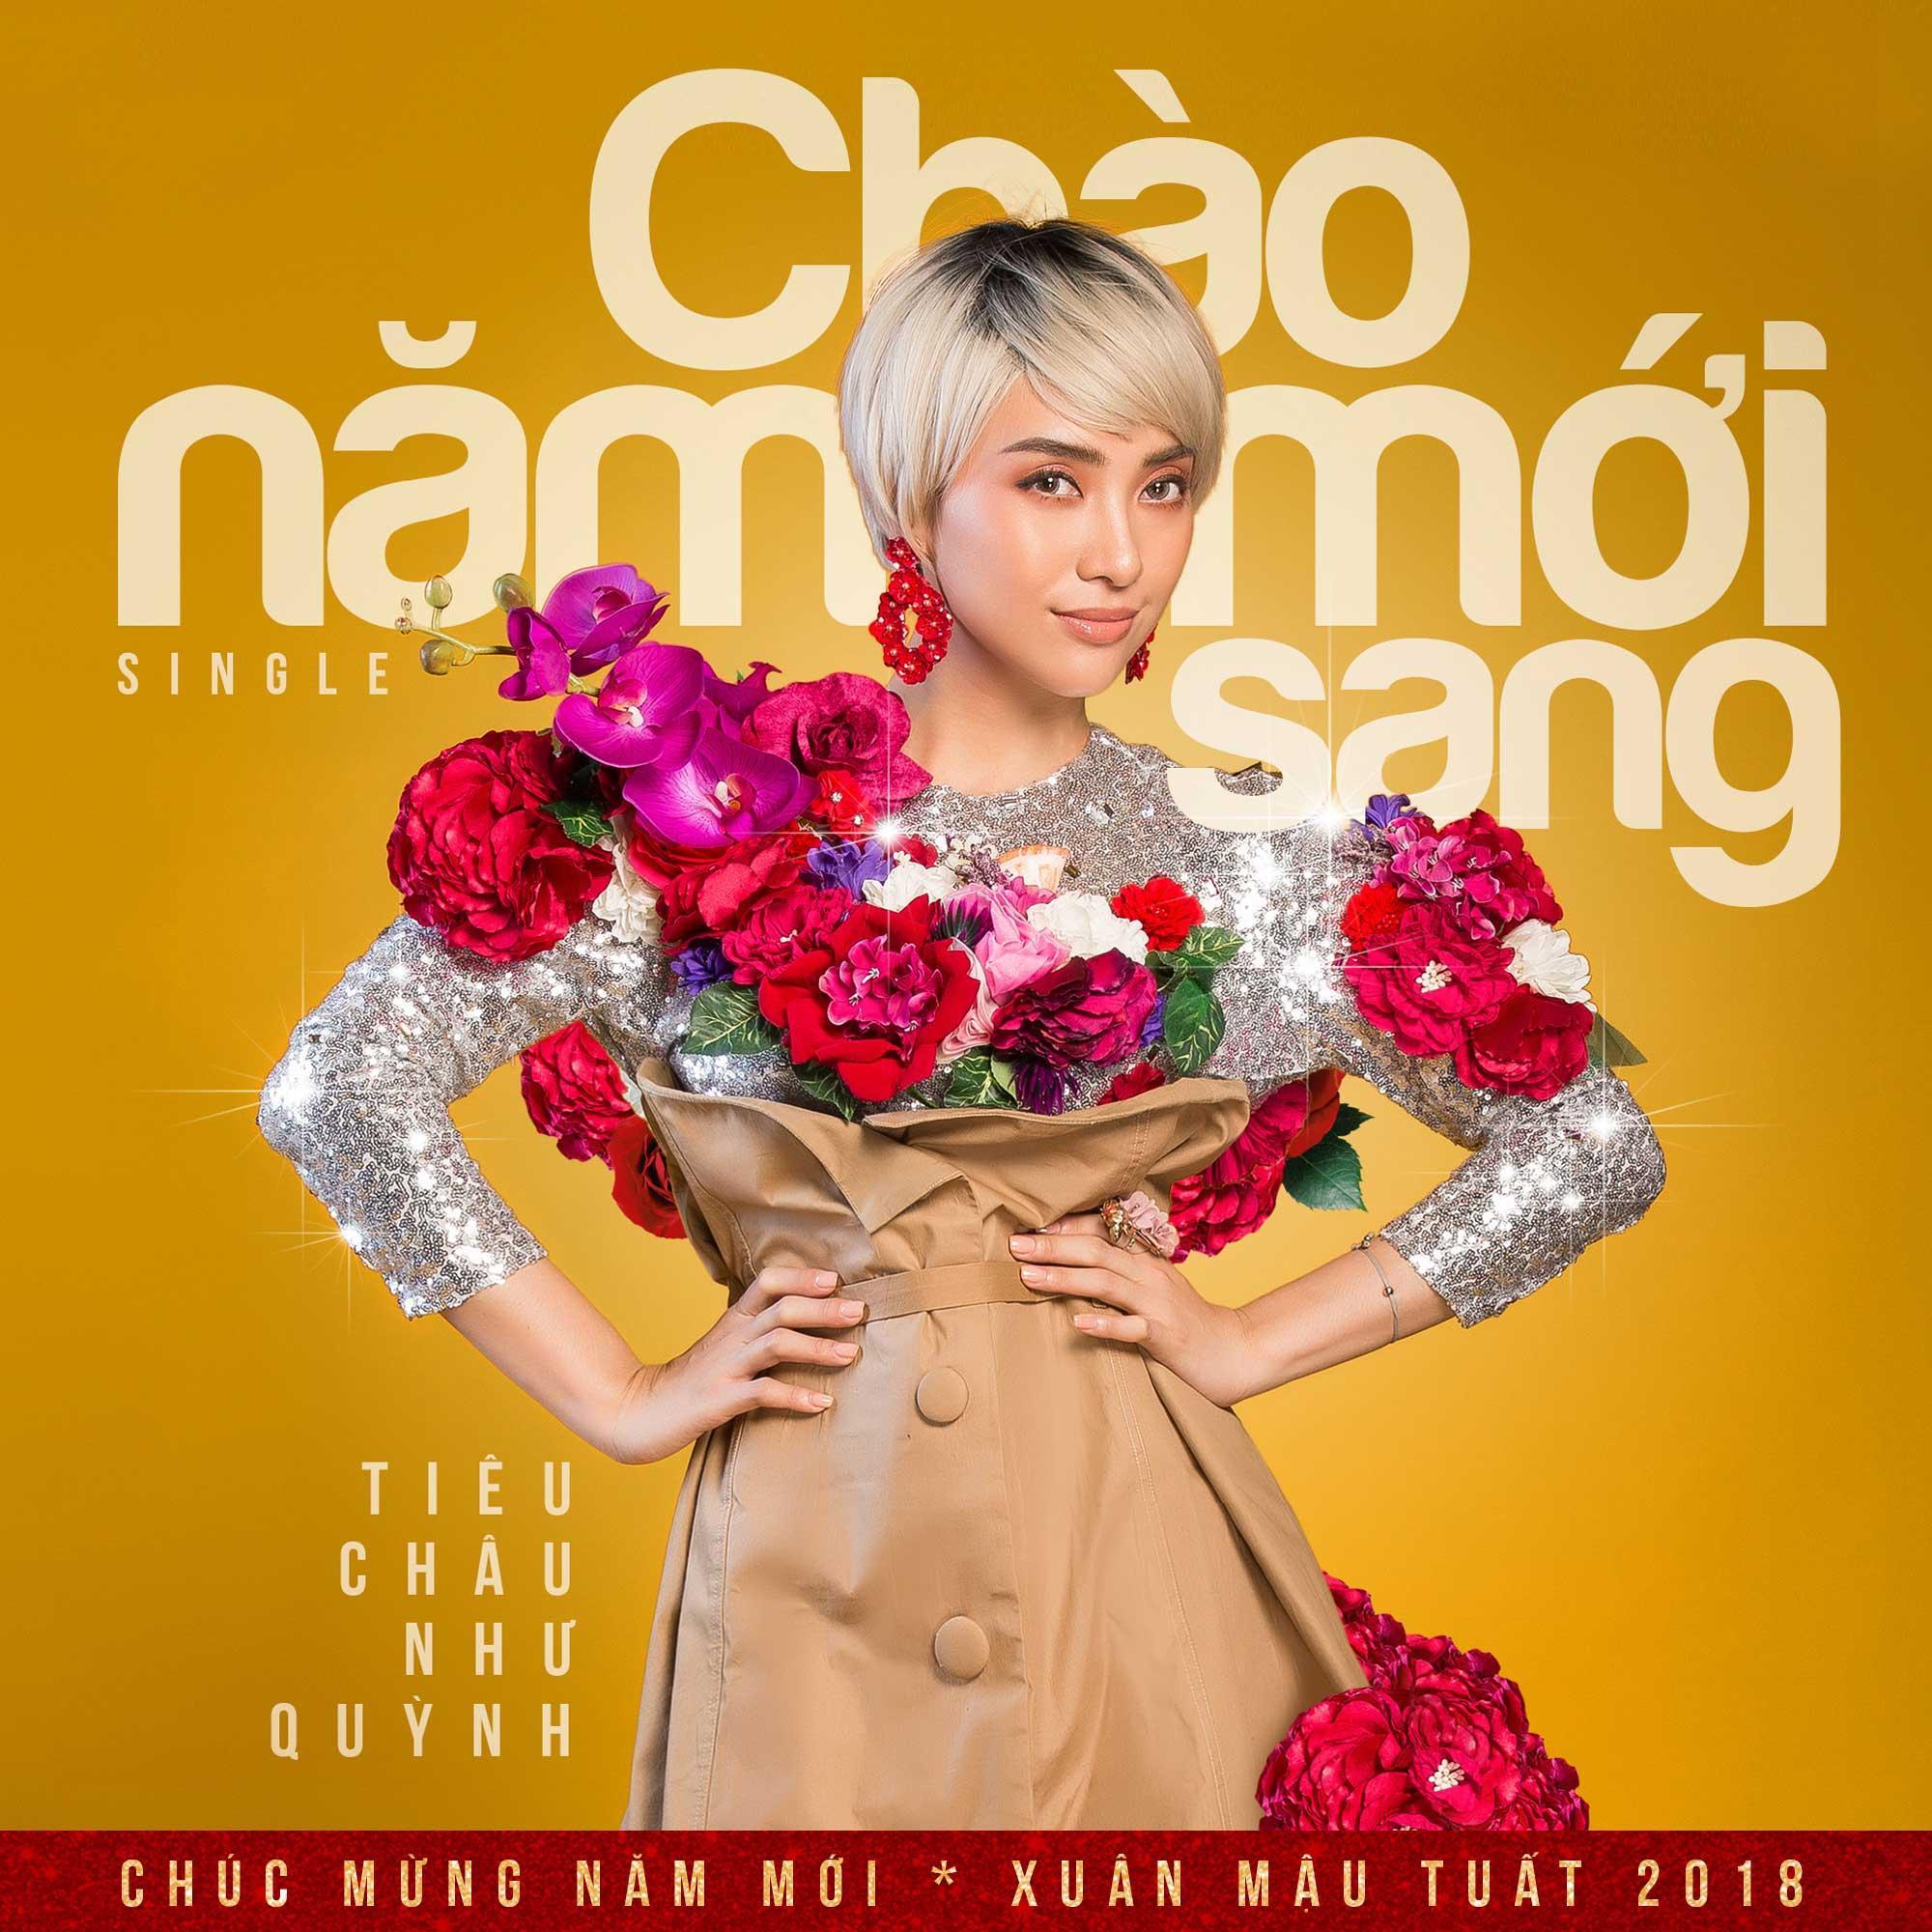 Đan Trường làm MV cùng fan nhí, Kyo York lái xe, Tiêu Châu Như Quỳnh nở hoa ngày Tết-5